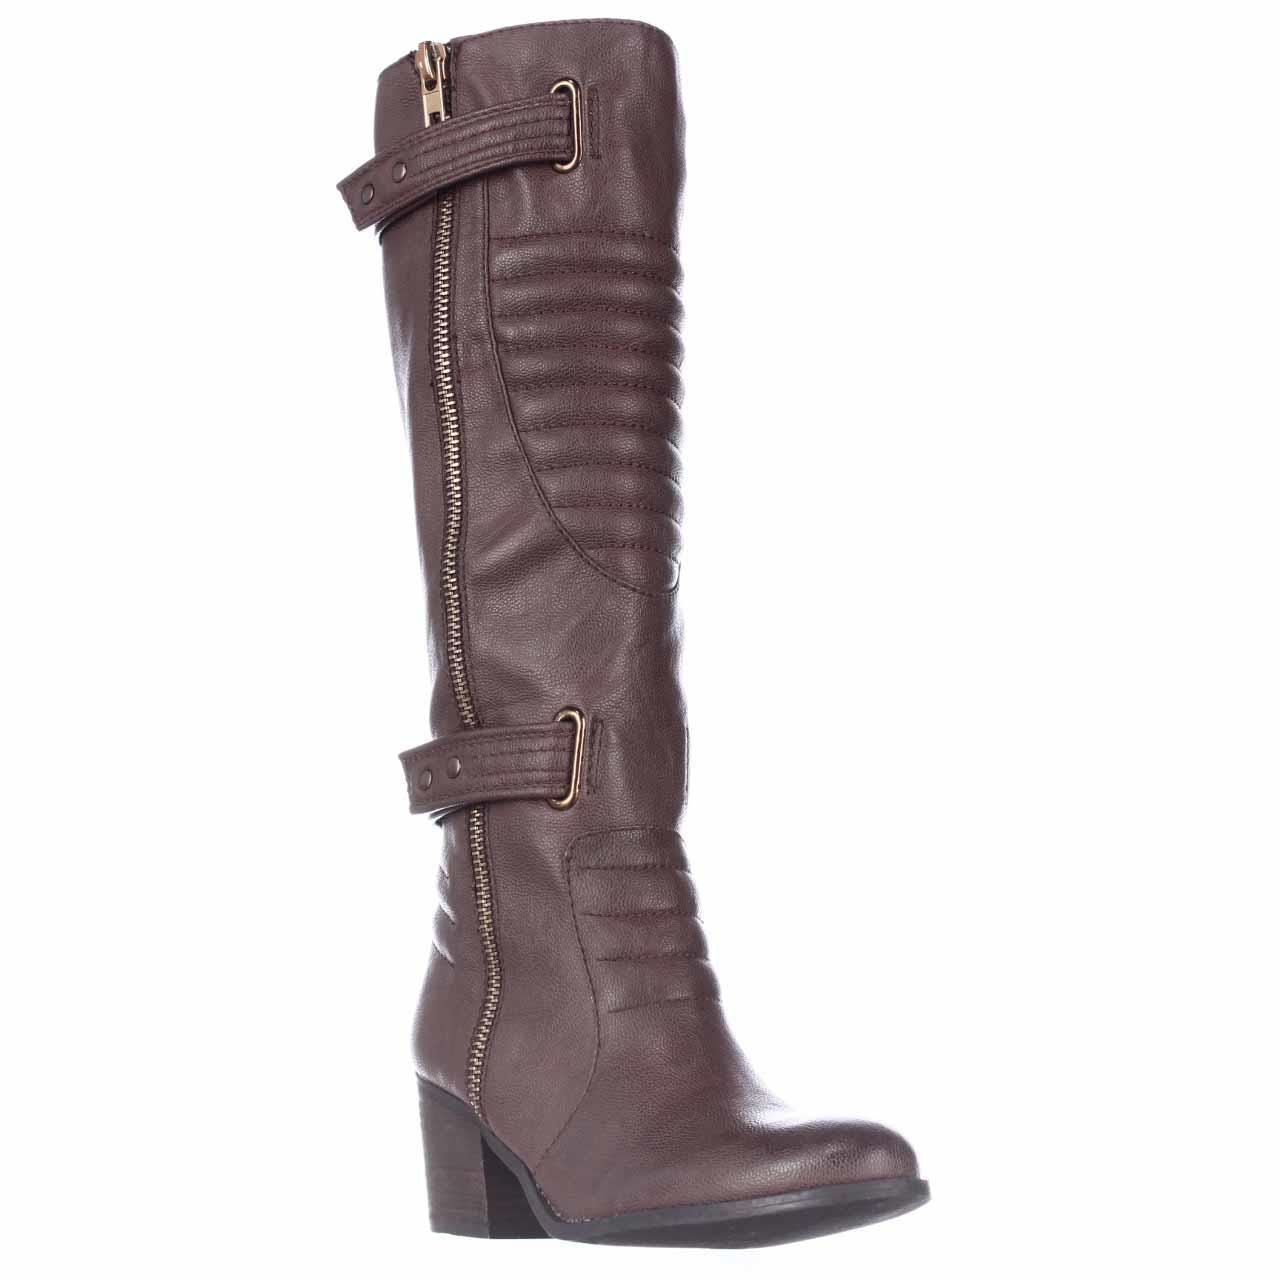 carlos by carlos santana vesta western boots in brown